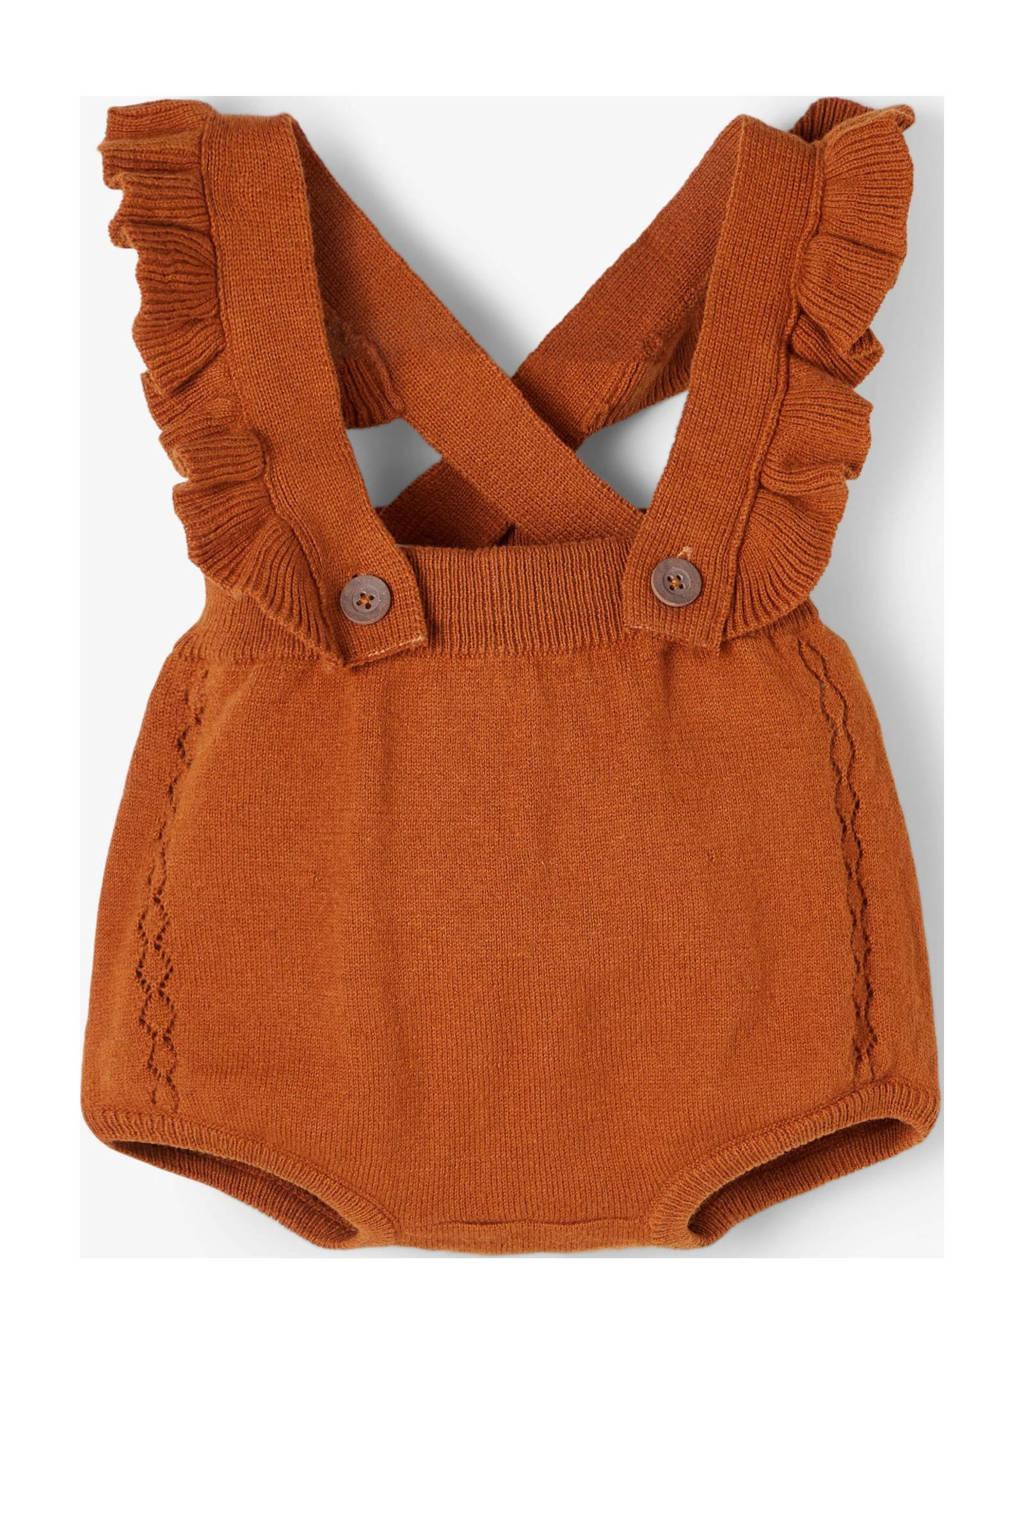 LIL' ATELIER BABY baby boxpak Fisadora met biologisch katoen donker oranje, Donker oranje